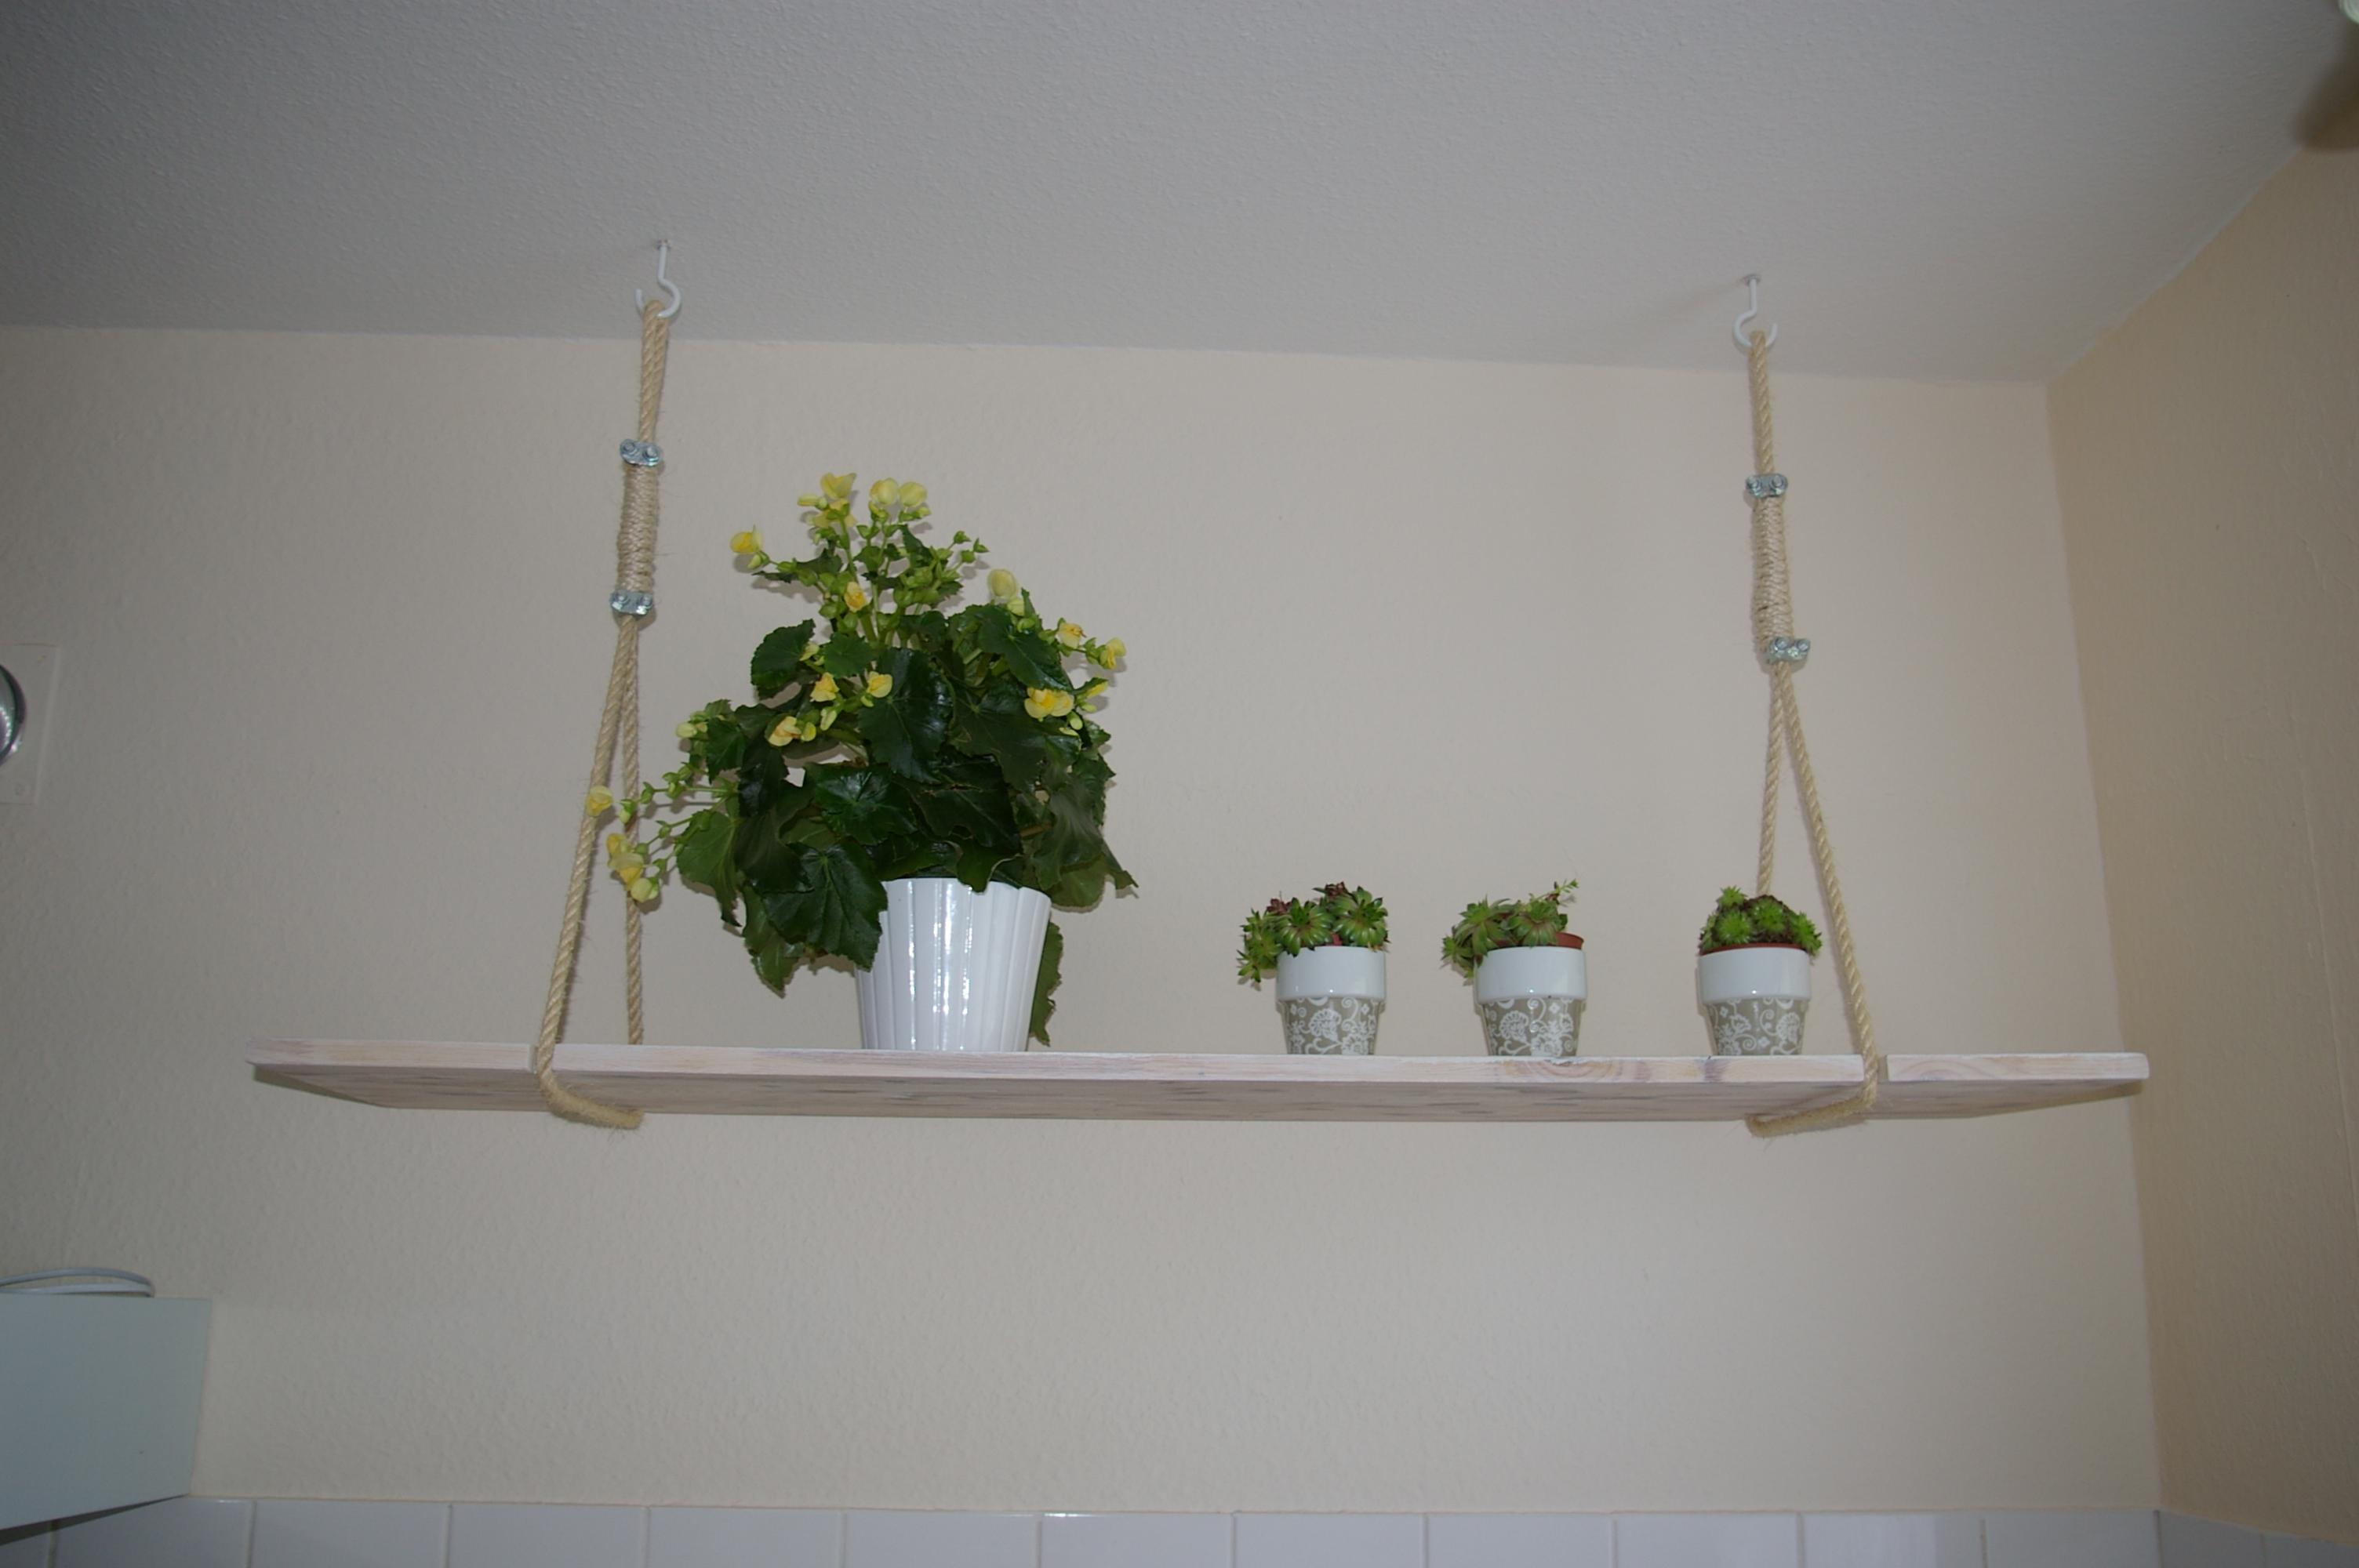 Eckregal Küchenregal Holzregal Bauen Oder Einfach Kaufen